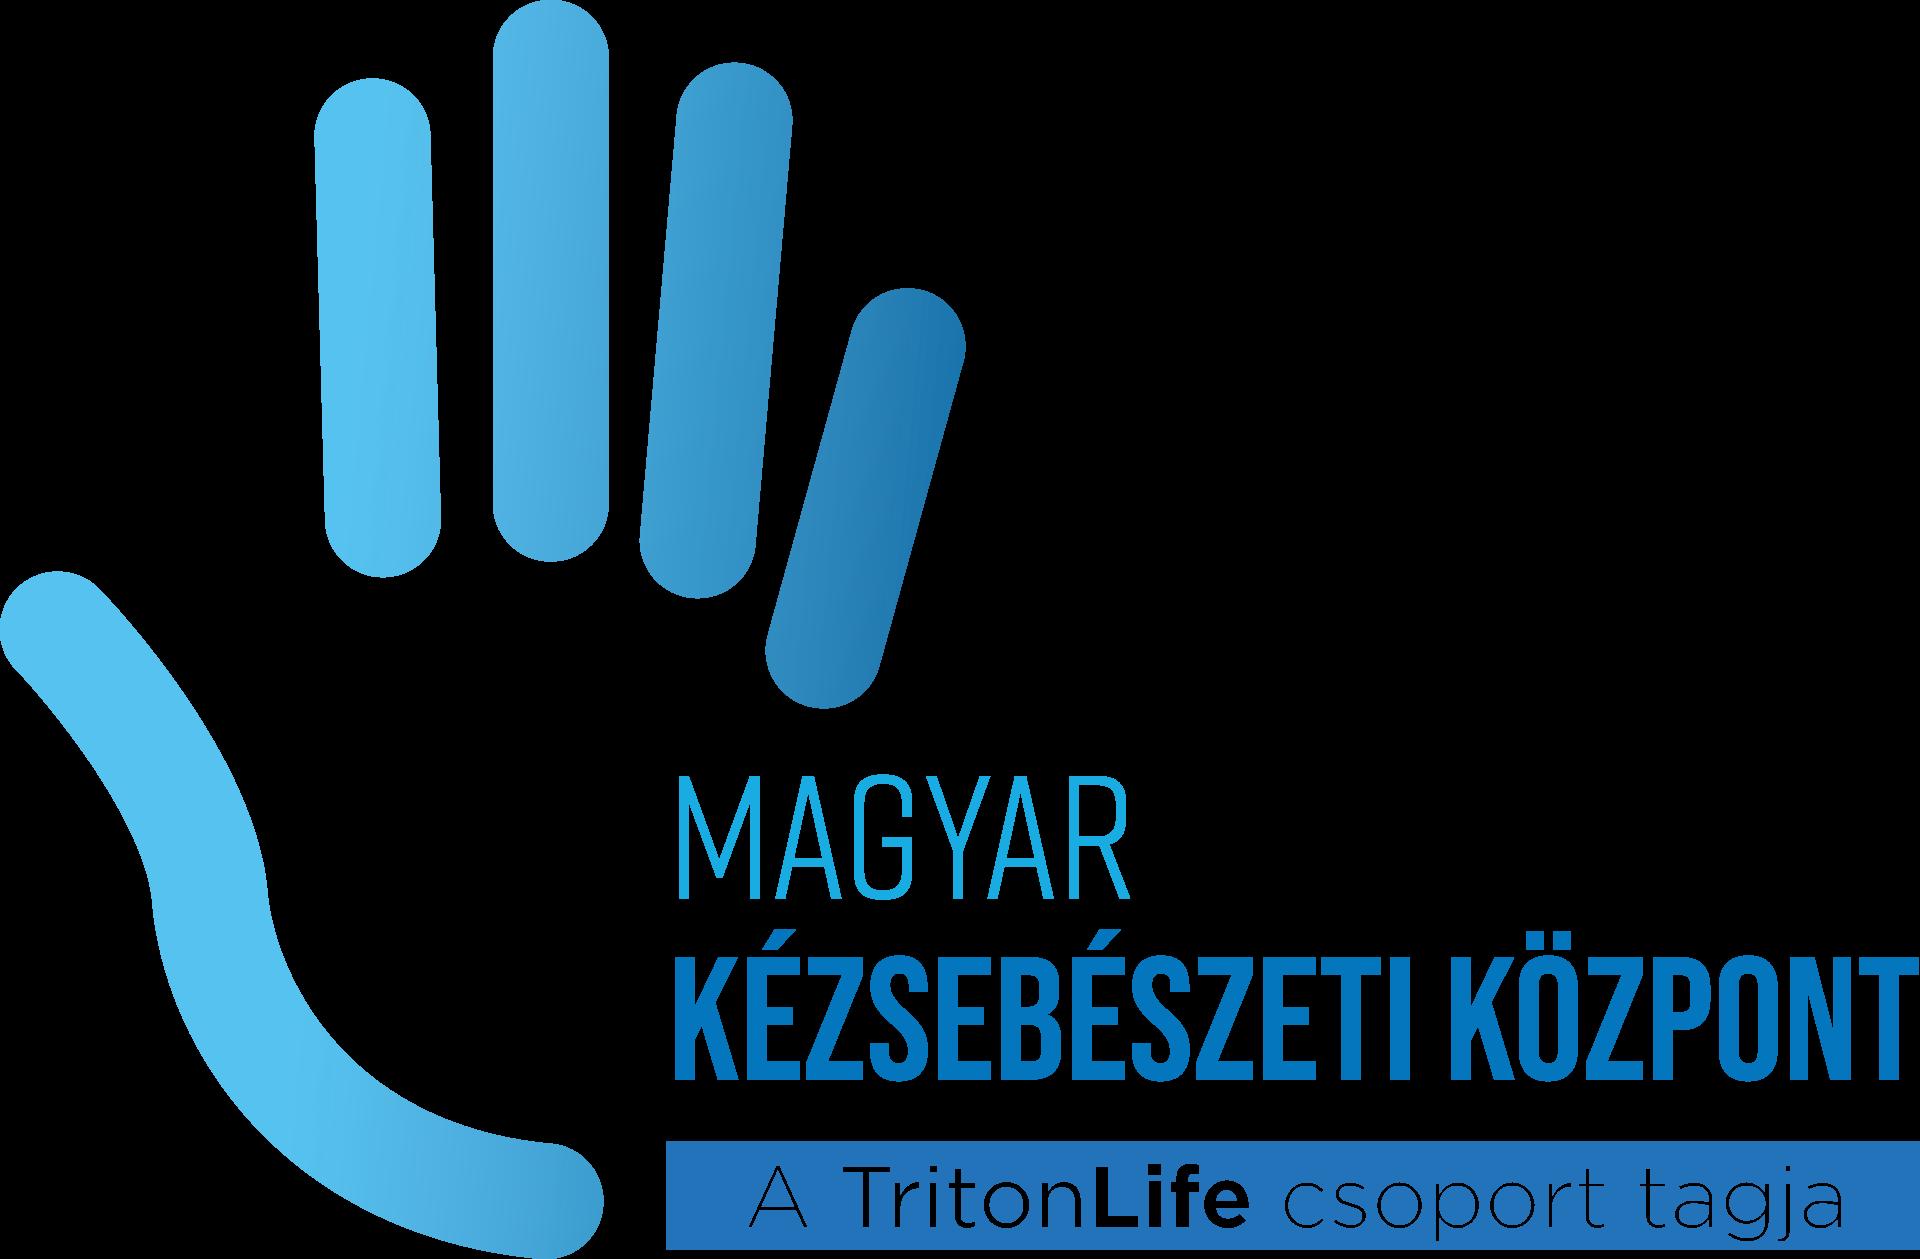 Magyar Kézsebészeti Központ